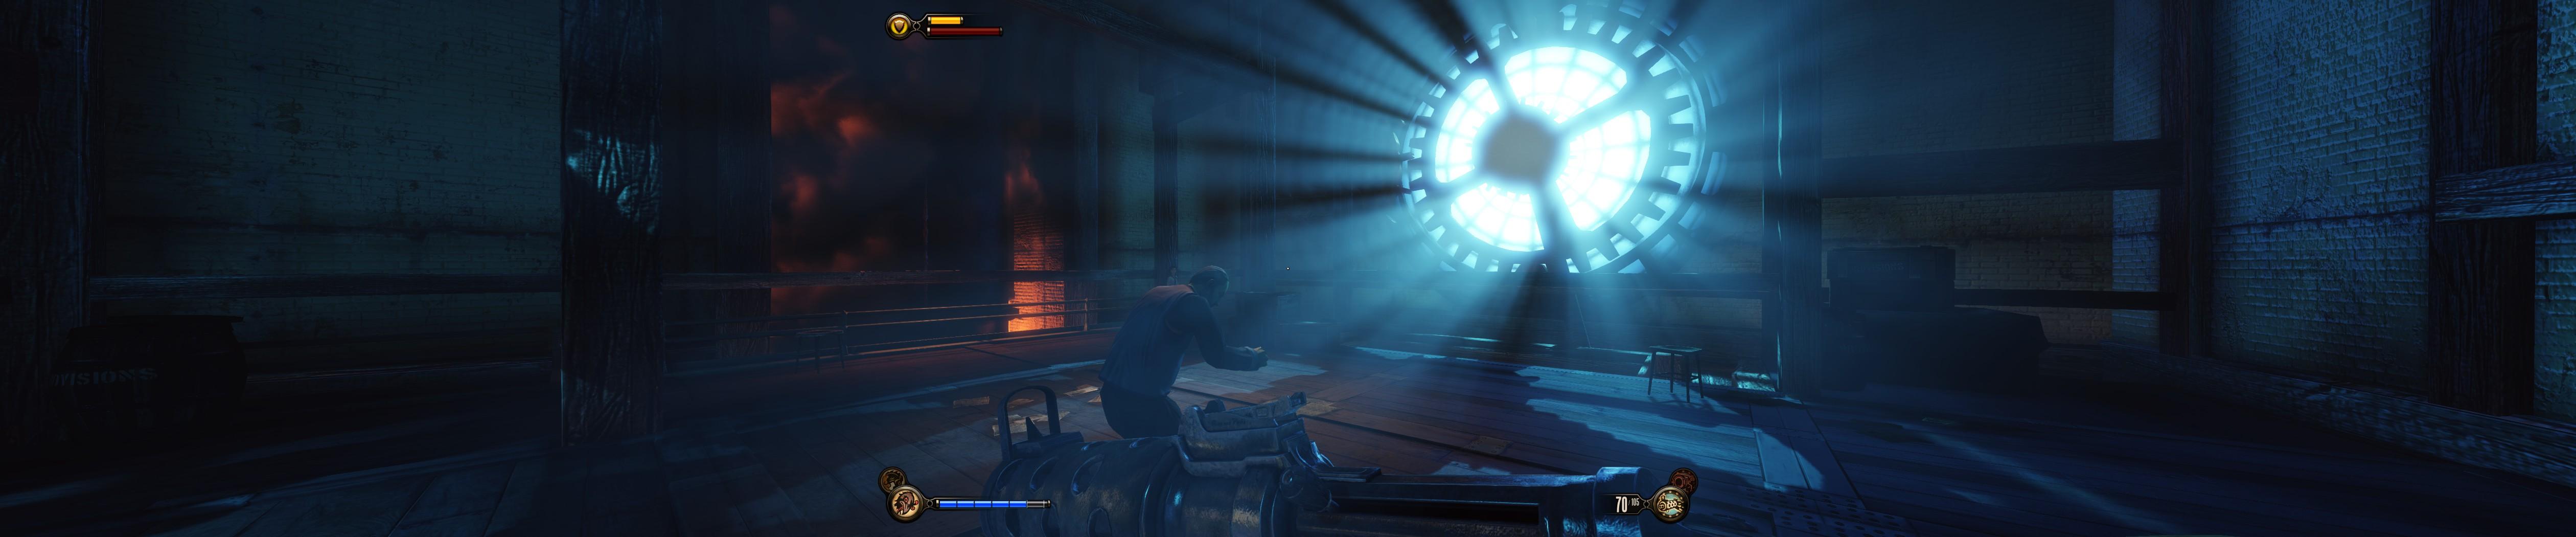 Bioshock_Infinite_2013-05-14_00032